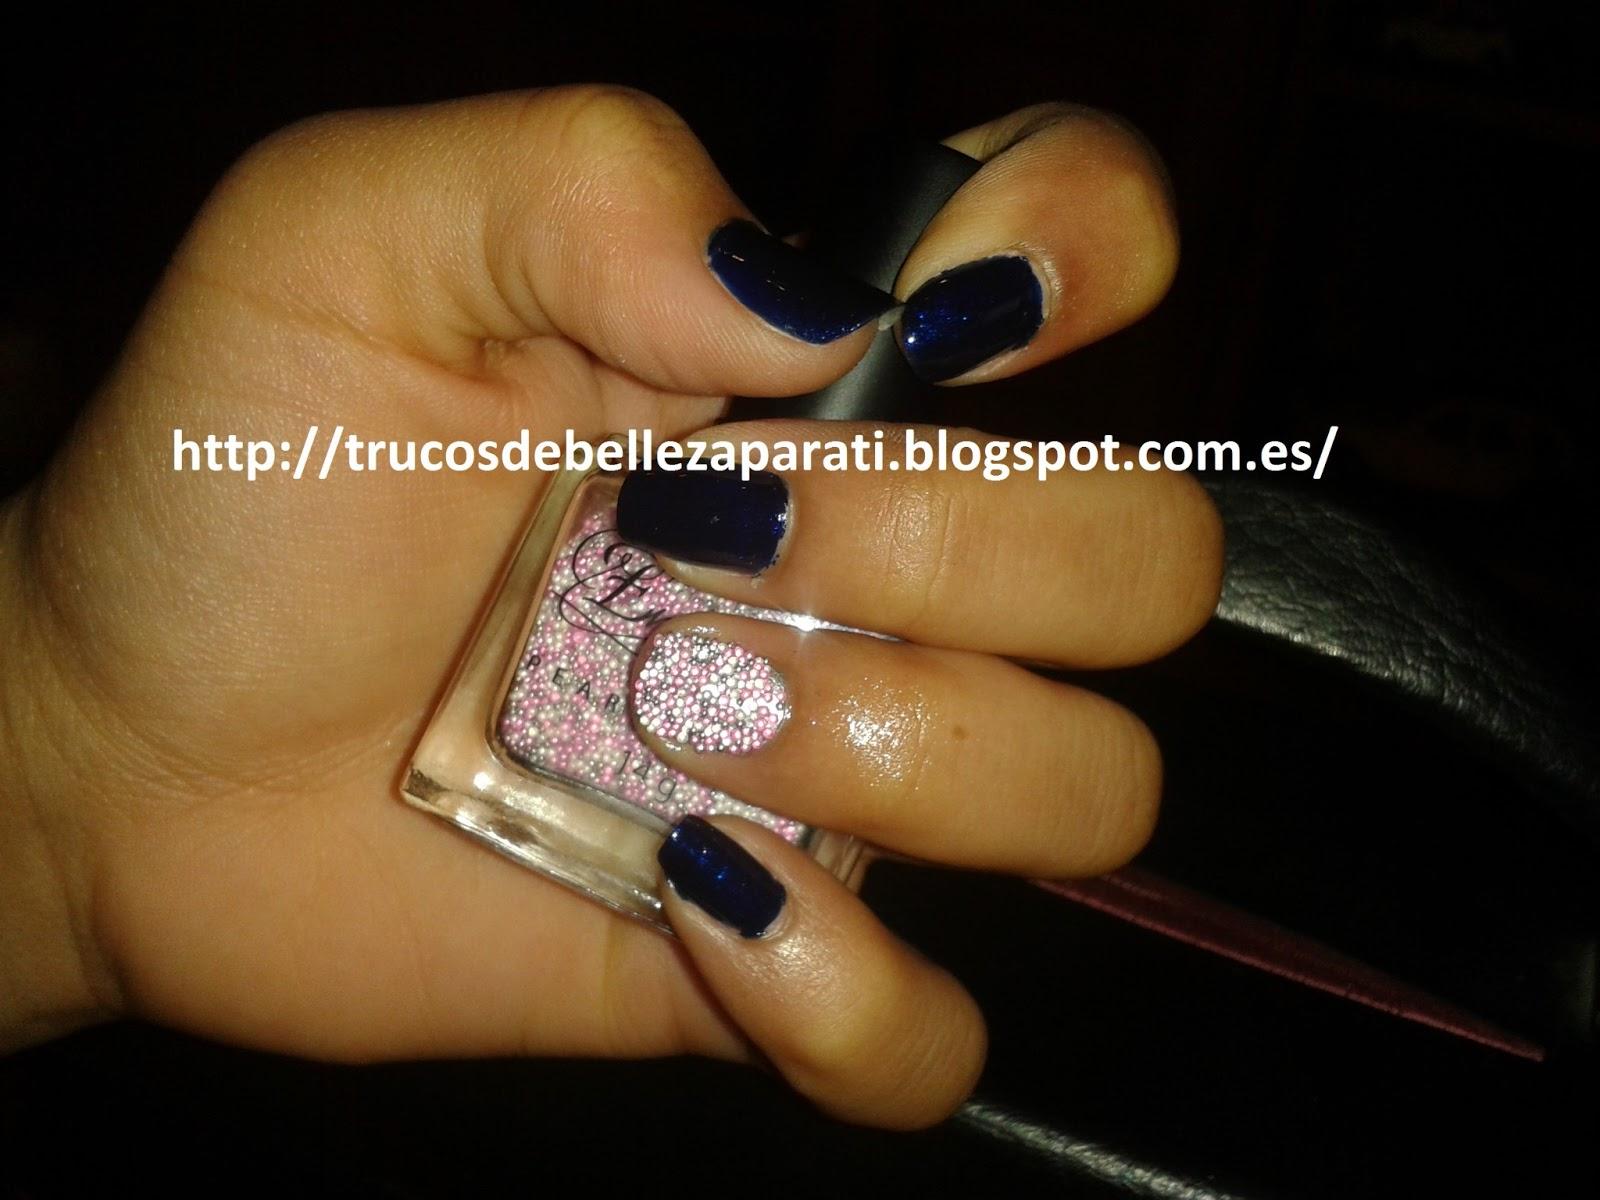 Servi ha utilizado el color azul electrico de la marca Kiko y en la uña del  dedo anular ha colocado las bolas de caviar compradas en Primar 0395b26869e94